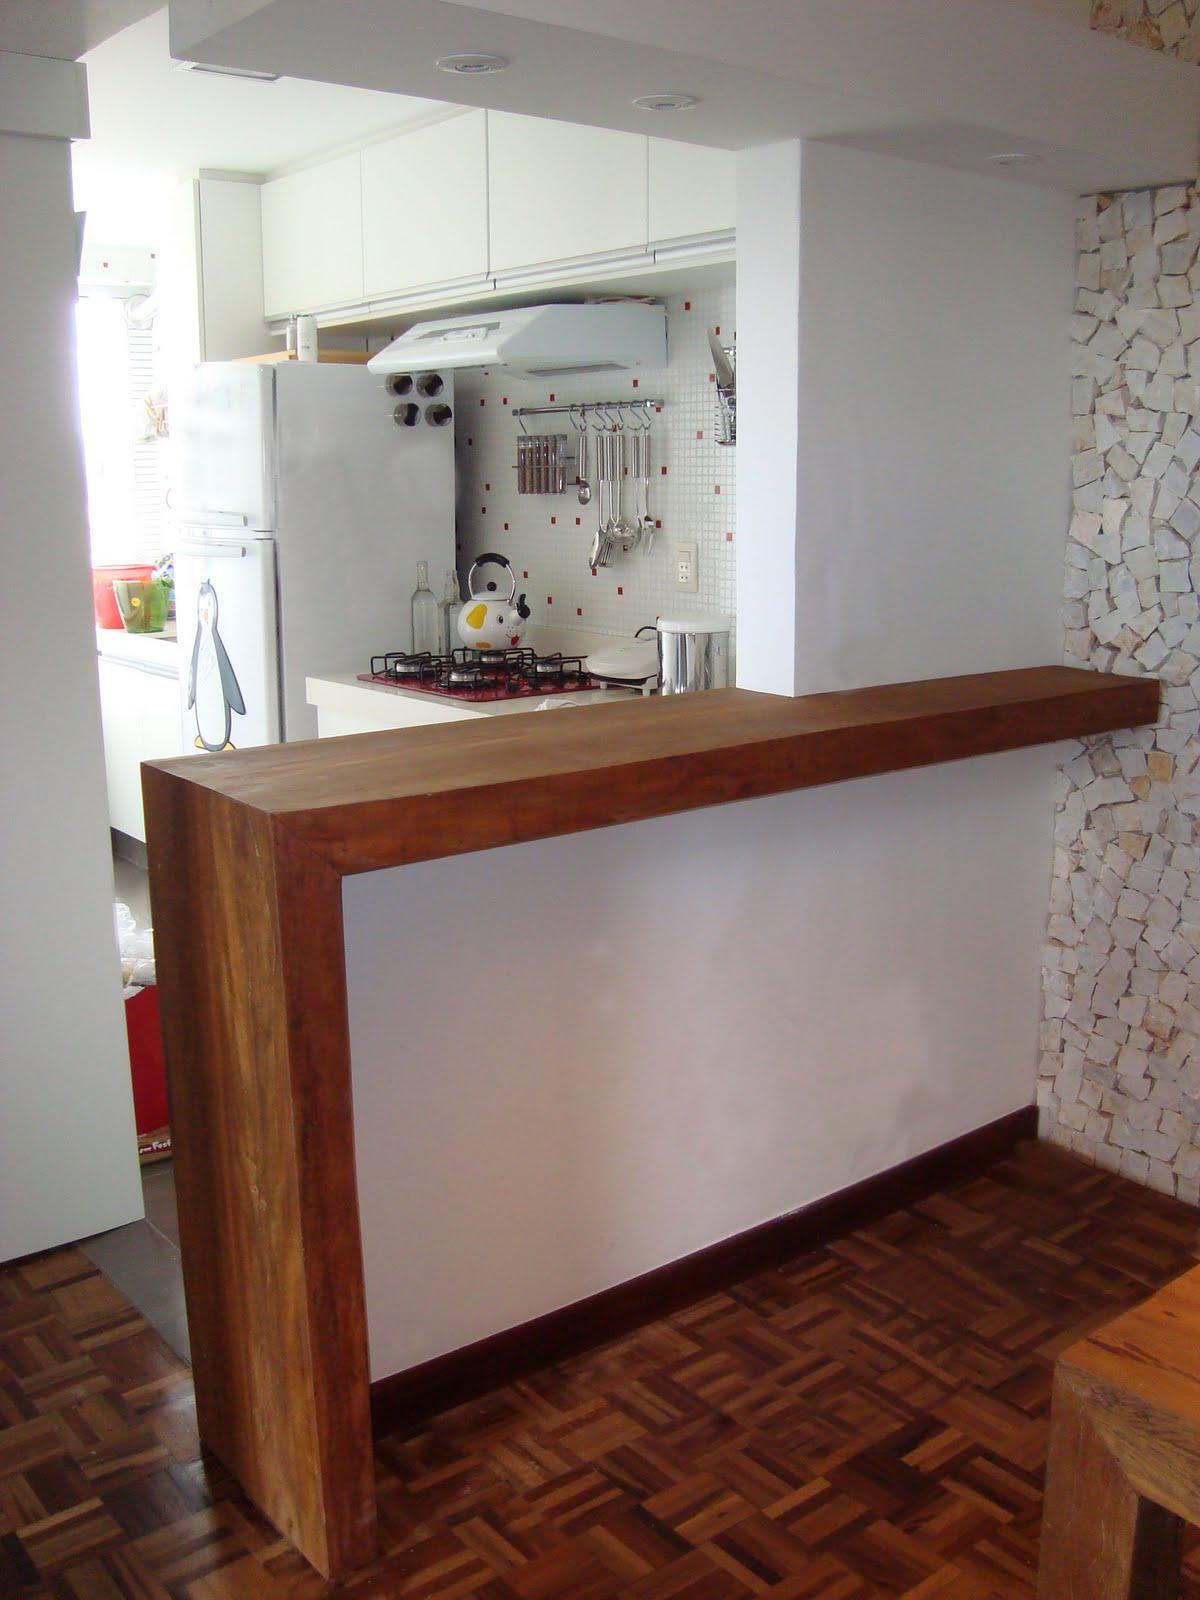 Madeira Brazil: Mesas e bancadas em madeira maciça e de demolição #673620 1200 1600